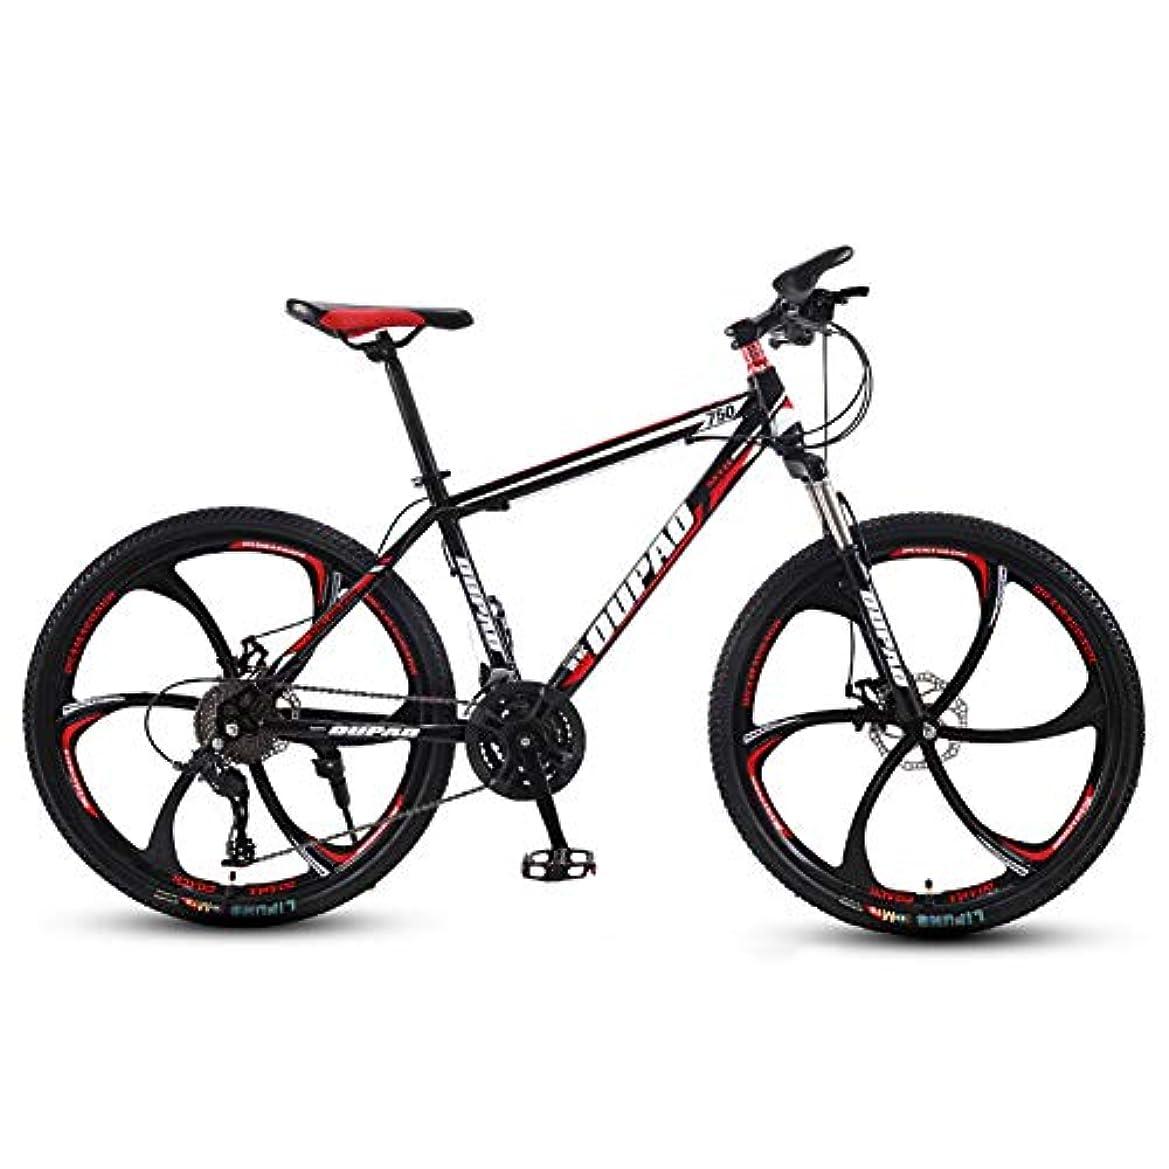 多分回復研磨マウンテンバイク26インチ、21/24/27/30スピード10スポークホイール、デュアルディスクブレーキカーボンスチールフレームMTB自転車では、ロック可能なフォークOutroad自転車をマッドガード